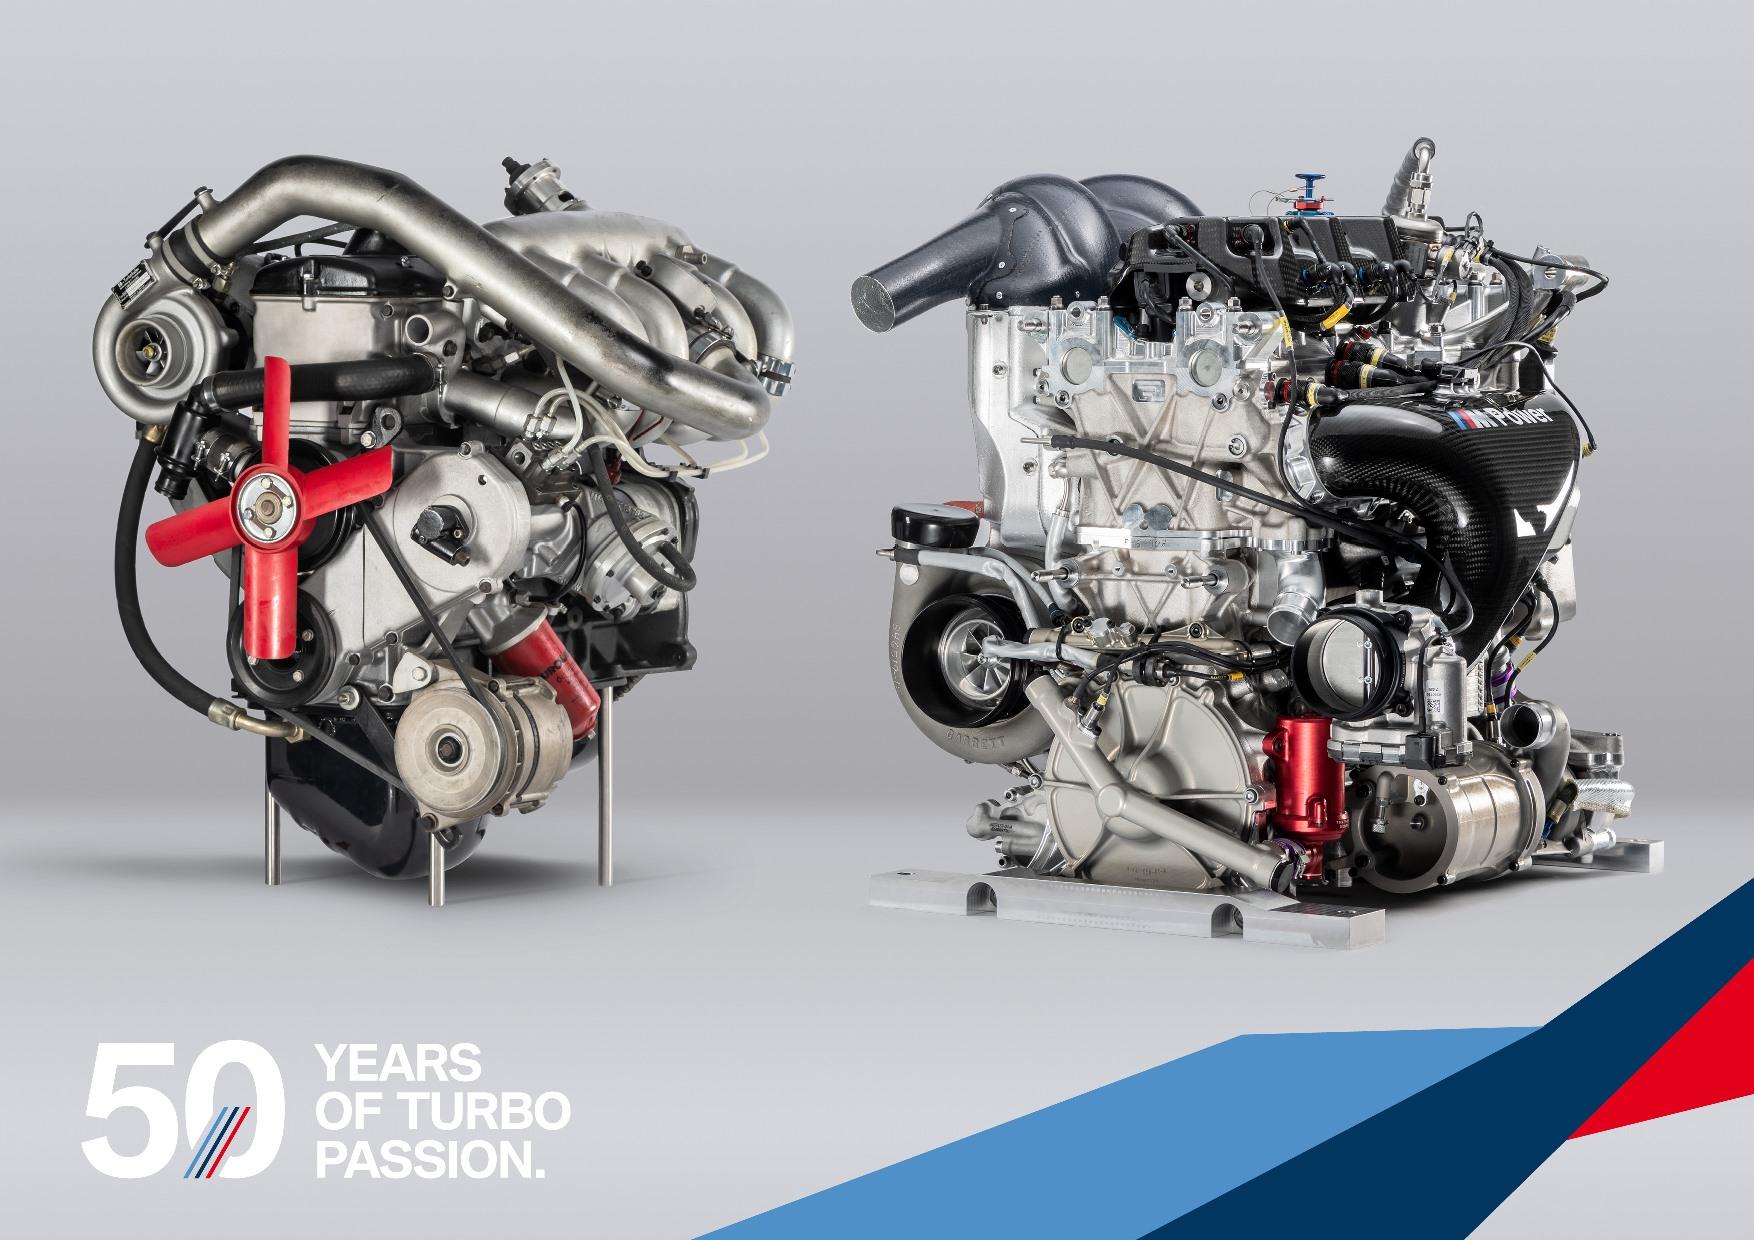 BMW DTM: 50 godina evolucije turbo motora – od M121 do P48 (GALERIJA)